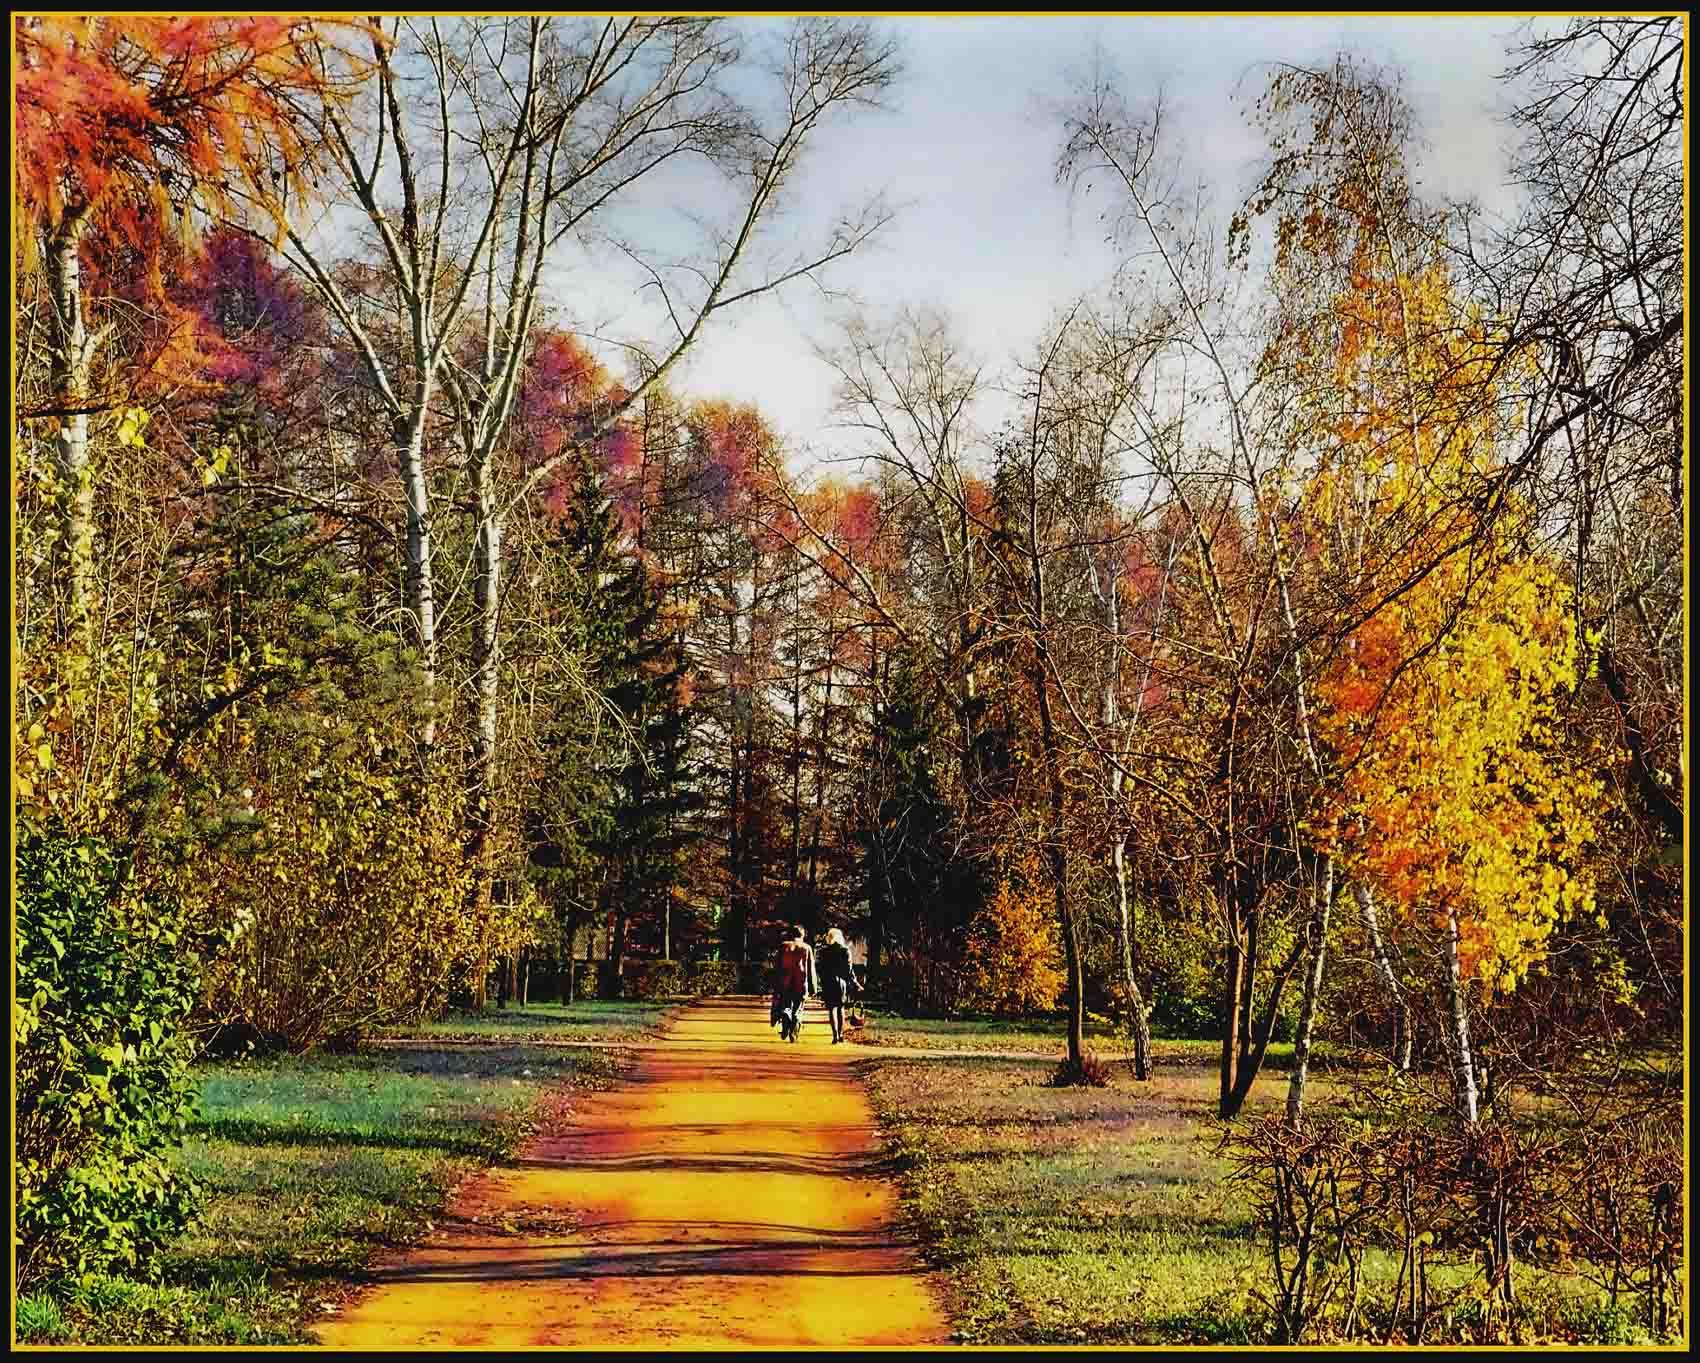 открытки осень наступила фото поэтому ландыш